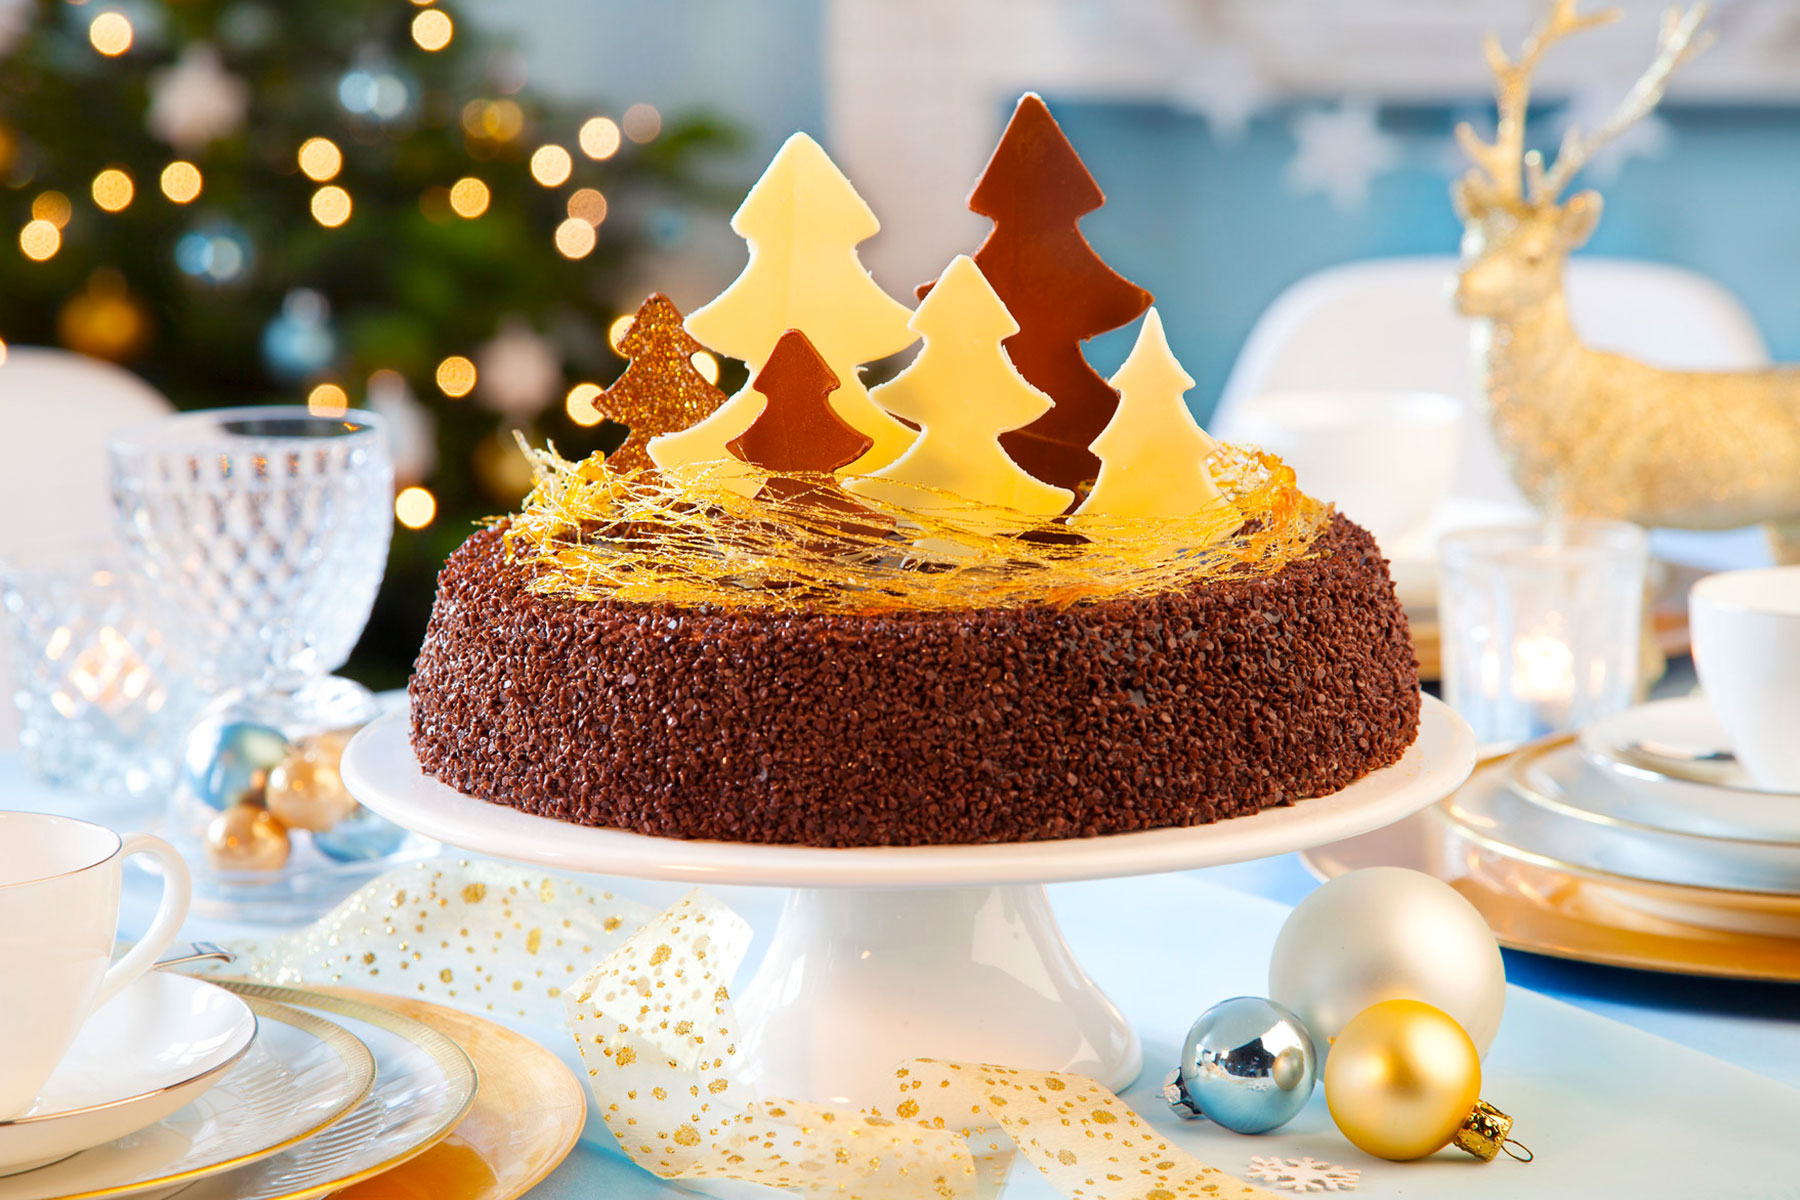 Zubereitung Weihnachtstorte mit Tannenbäumen aus Schokolade dekoriert